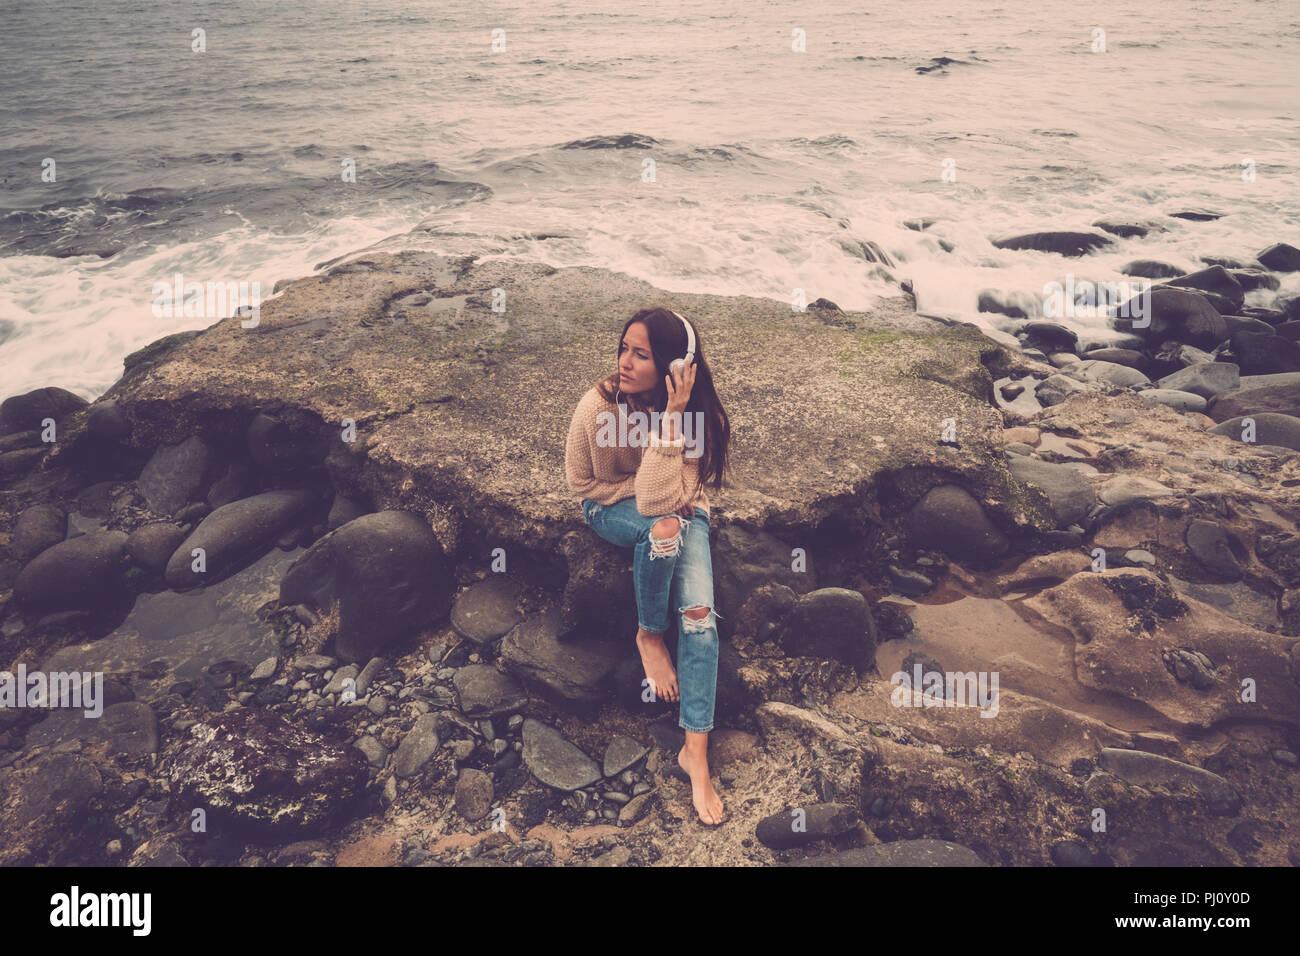 Belle jeune femme solitaire écouter la musique et vous détendre avec la méditation et la concentration assis sur un rocher avec ocean et horizon et personne dans zone Photo Stock